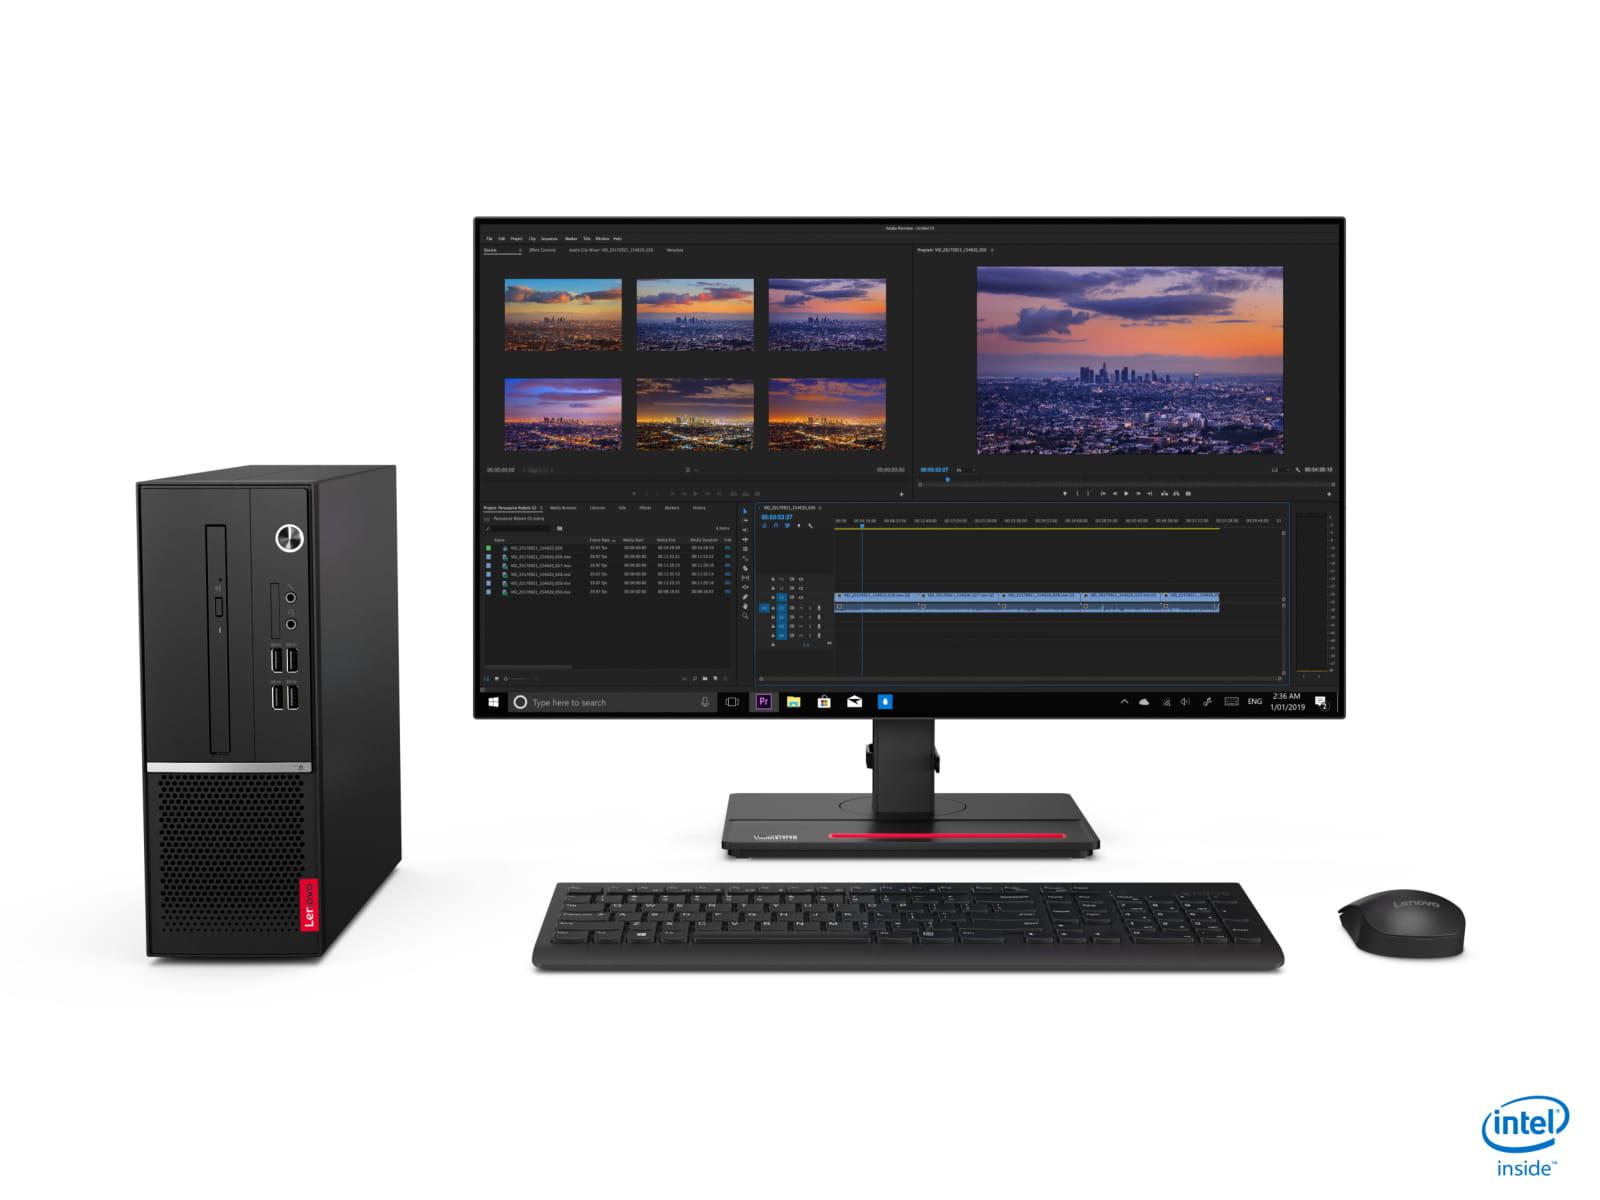 Lenovo V530 SFF/i3-9100/256/8GB/HD/DVD/W10P